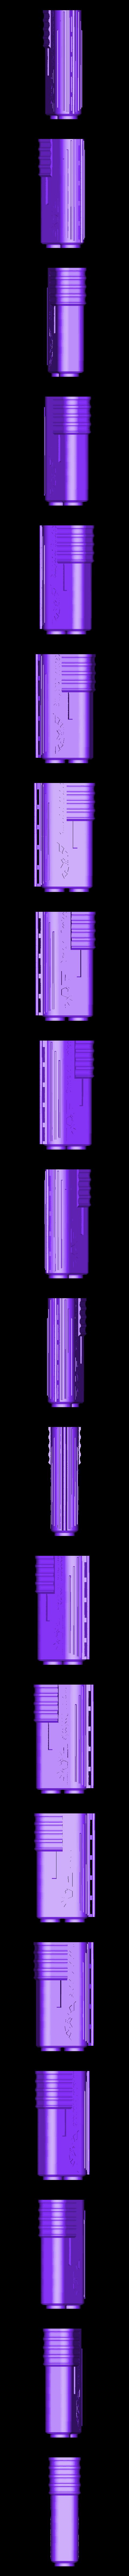 shotgun_front.stl Download free STL file Warhammer 40k arbites shotgun • 3D printing object, Lance_Greene